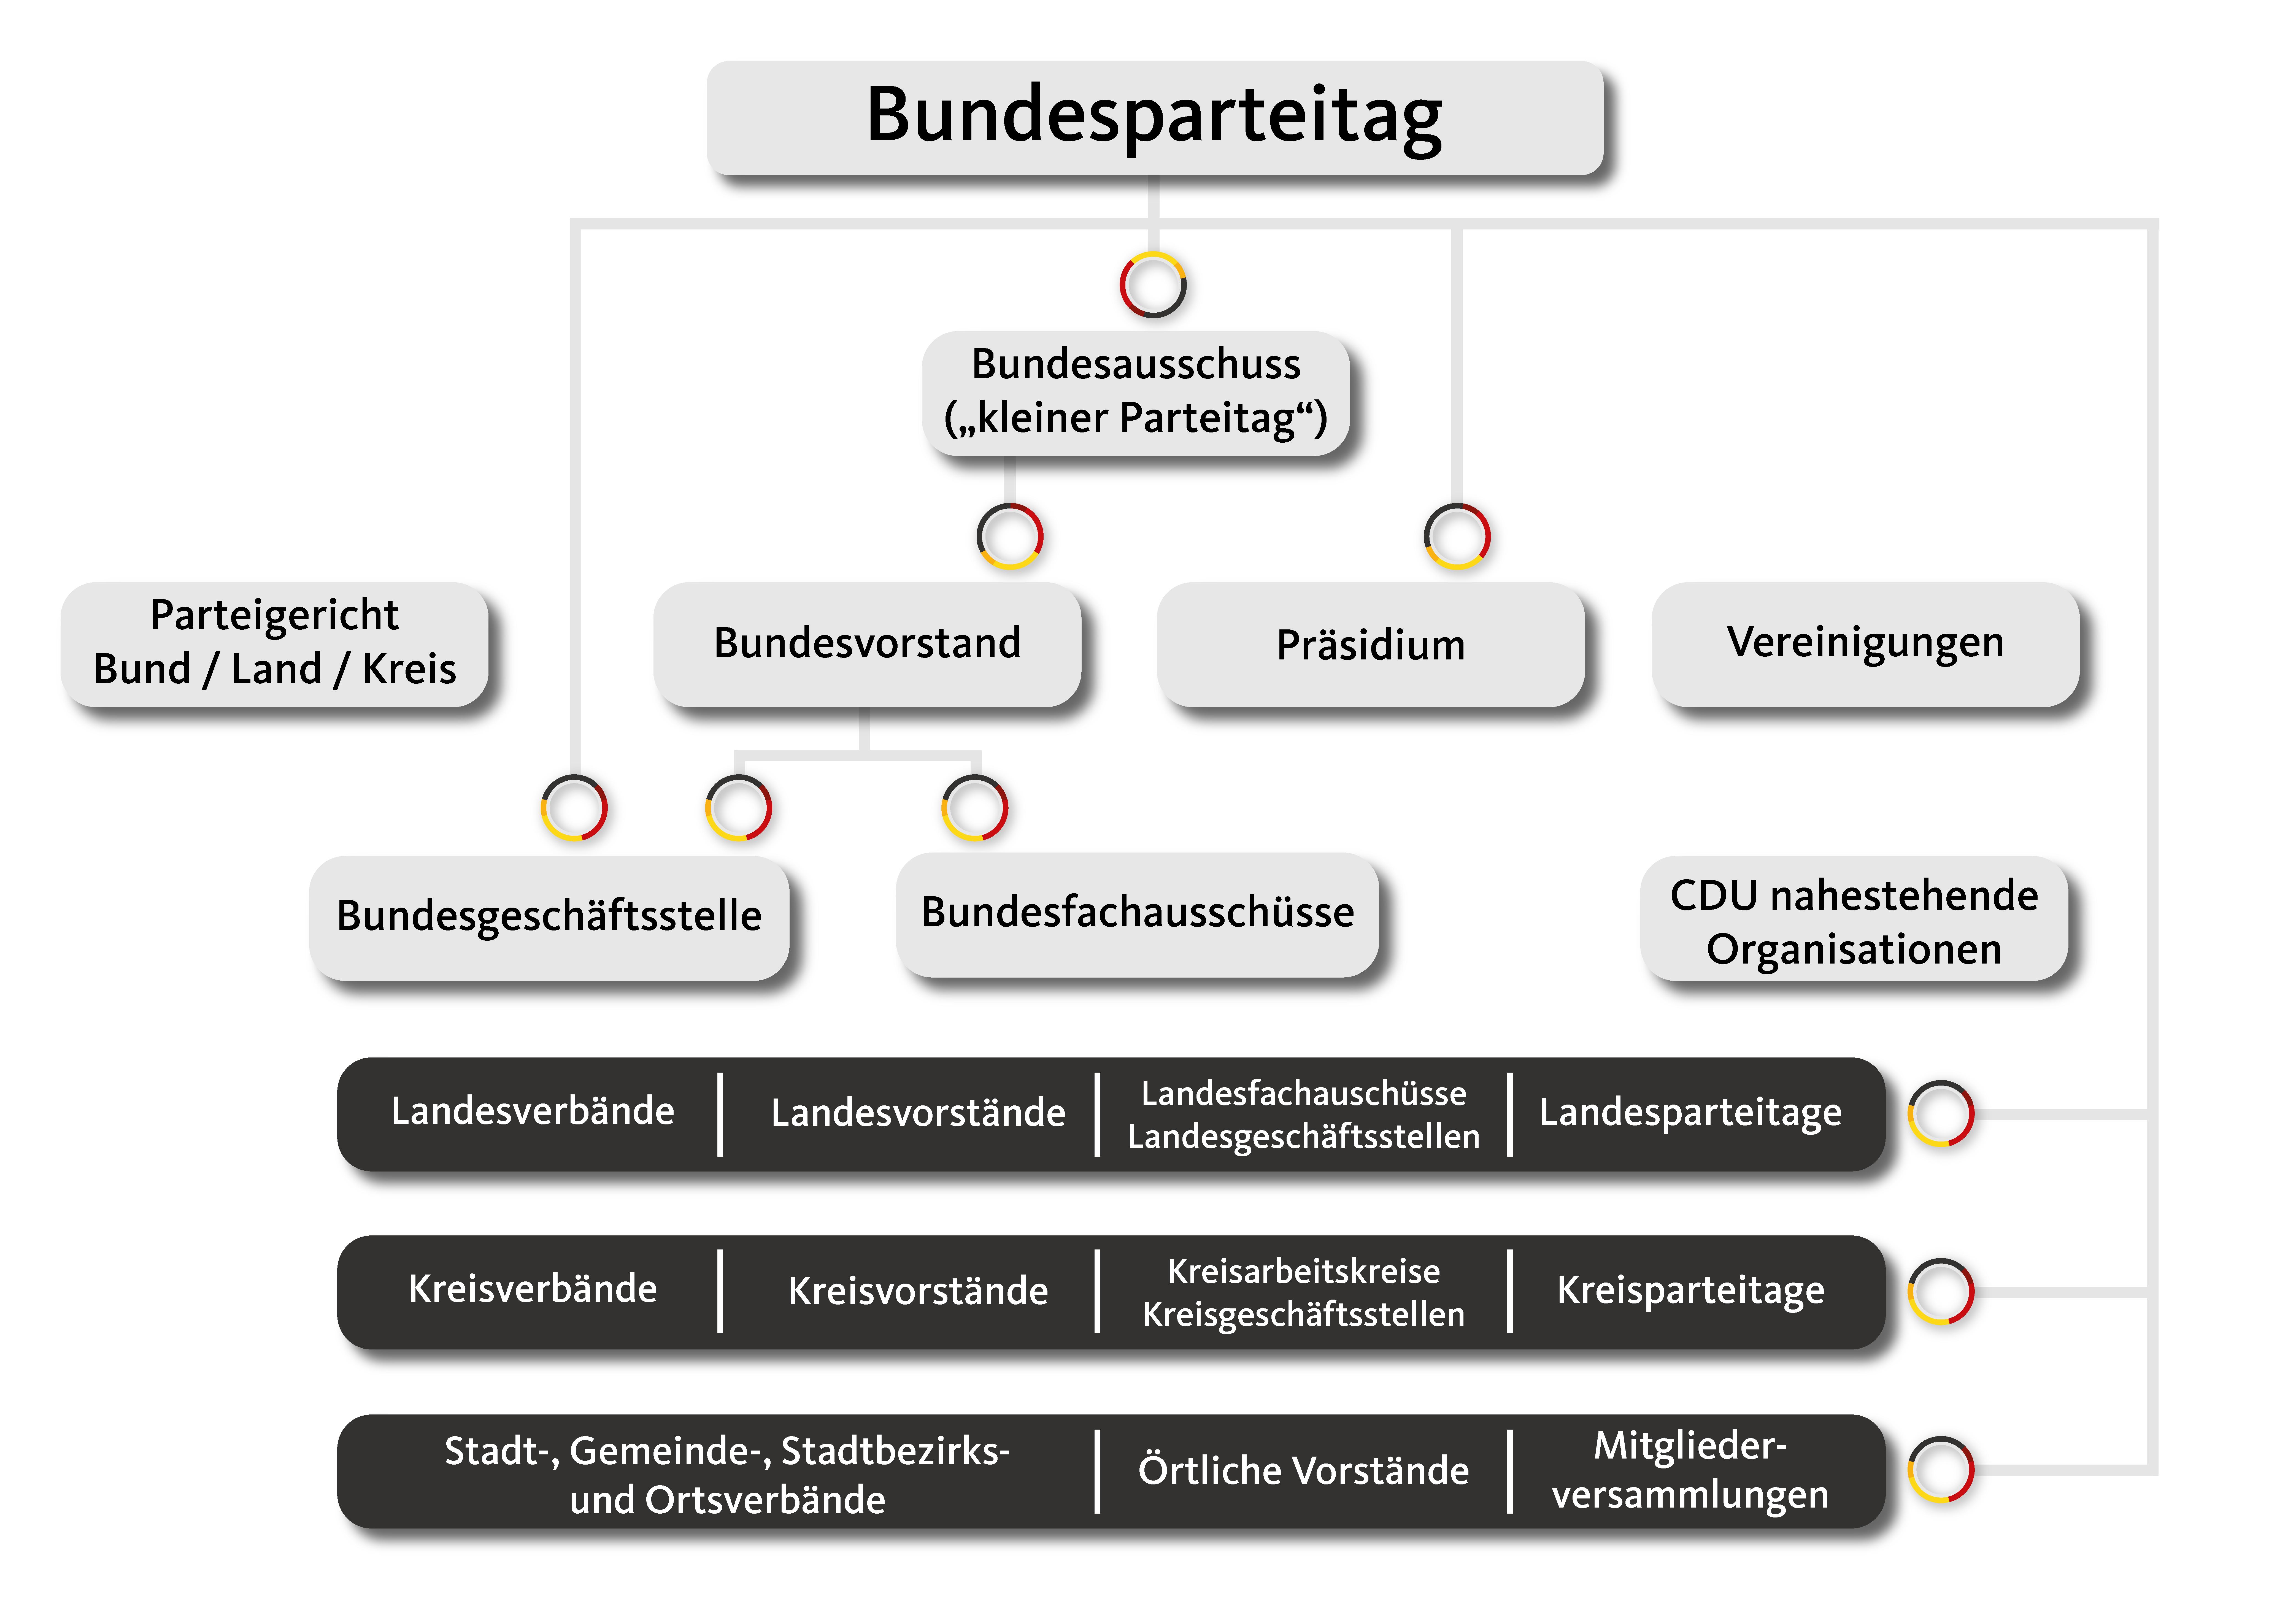 CDU Struktur in Diagrammform